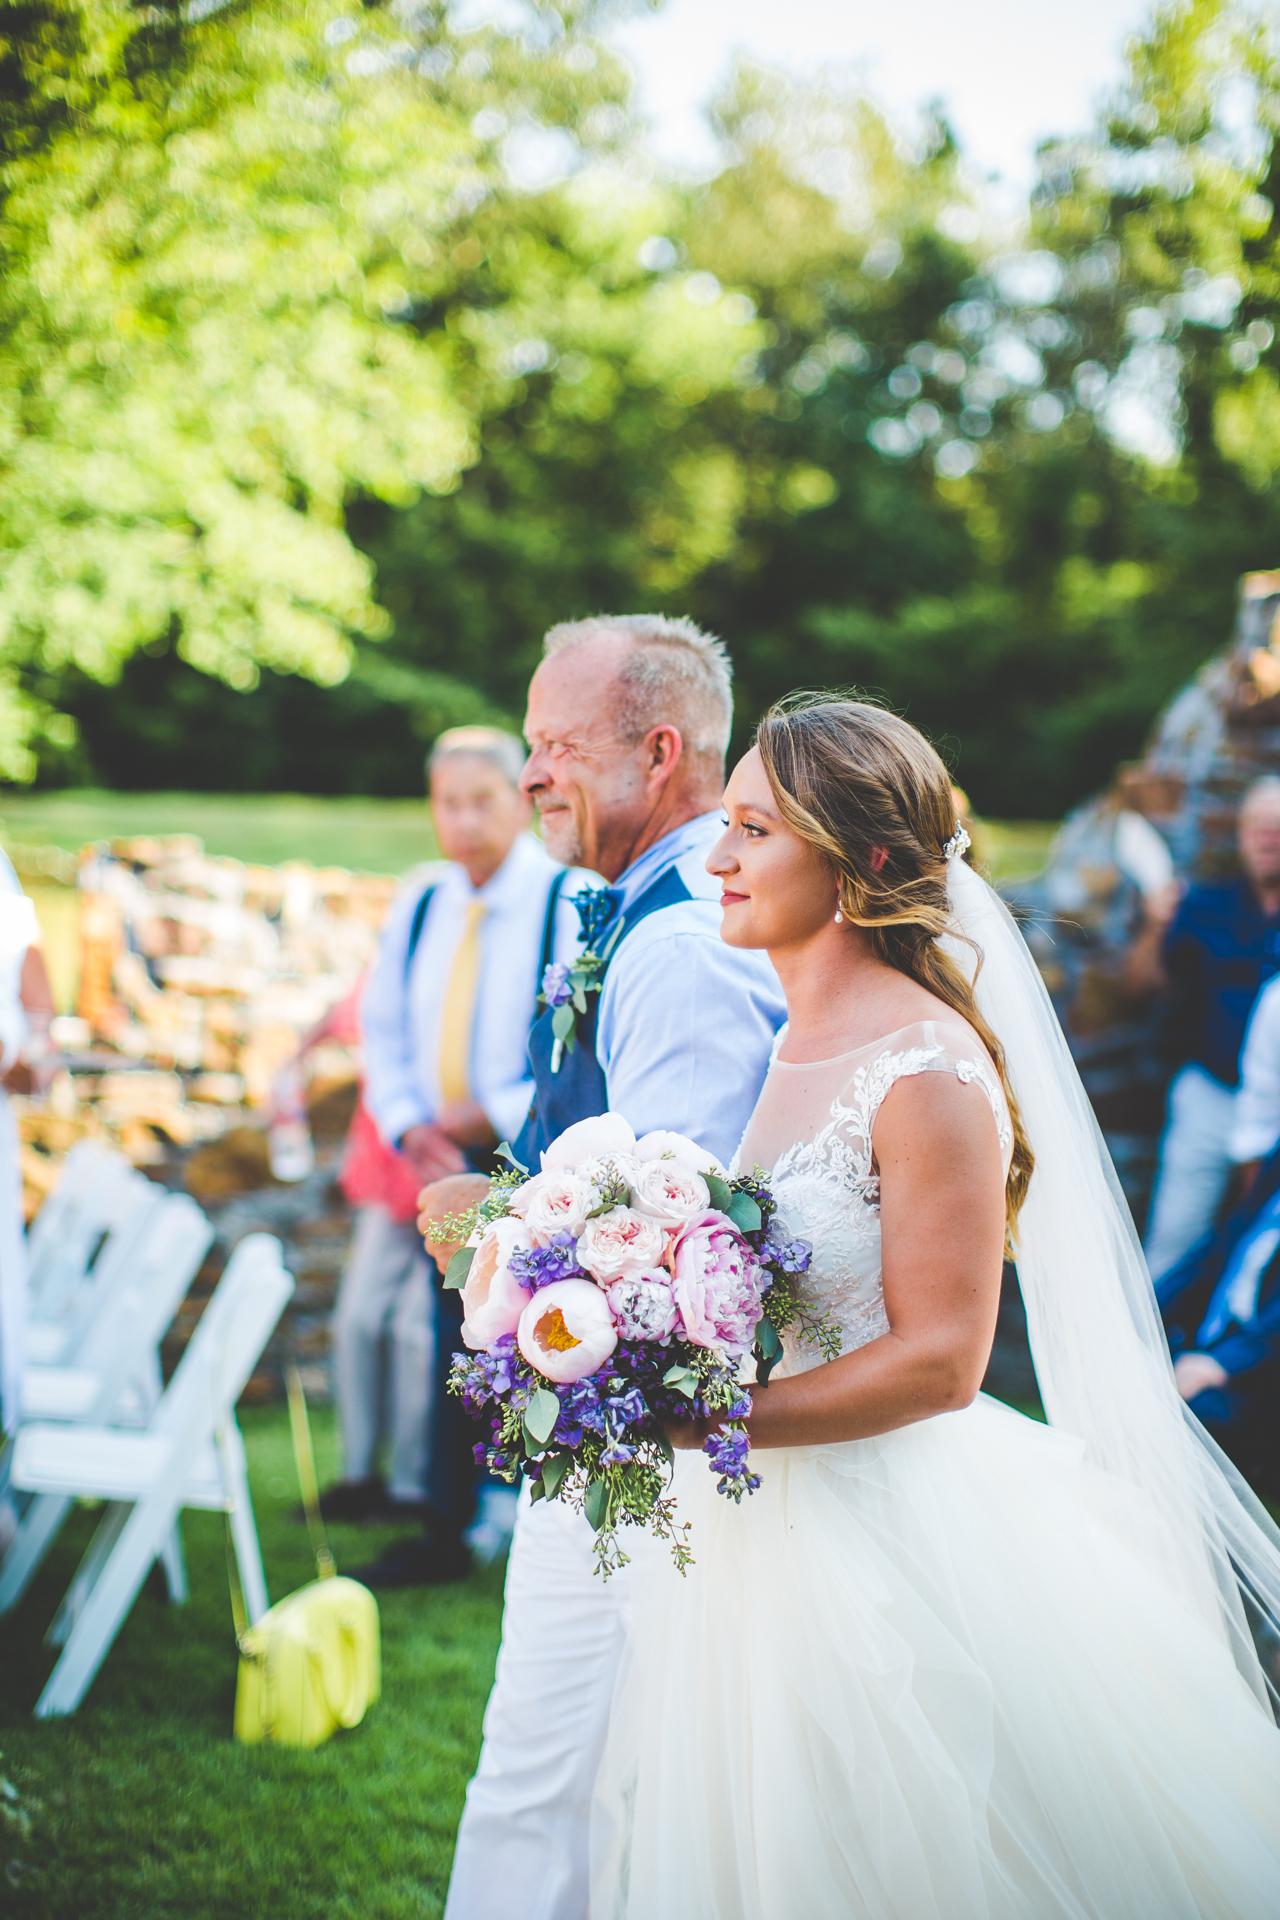 Wedding In July Bride Walks Down Aisle At Safras Springs Vineyard